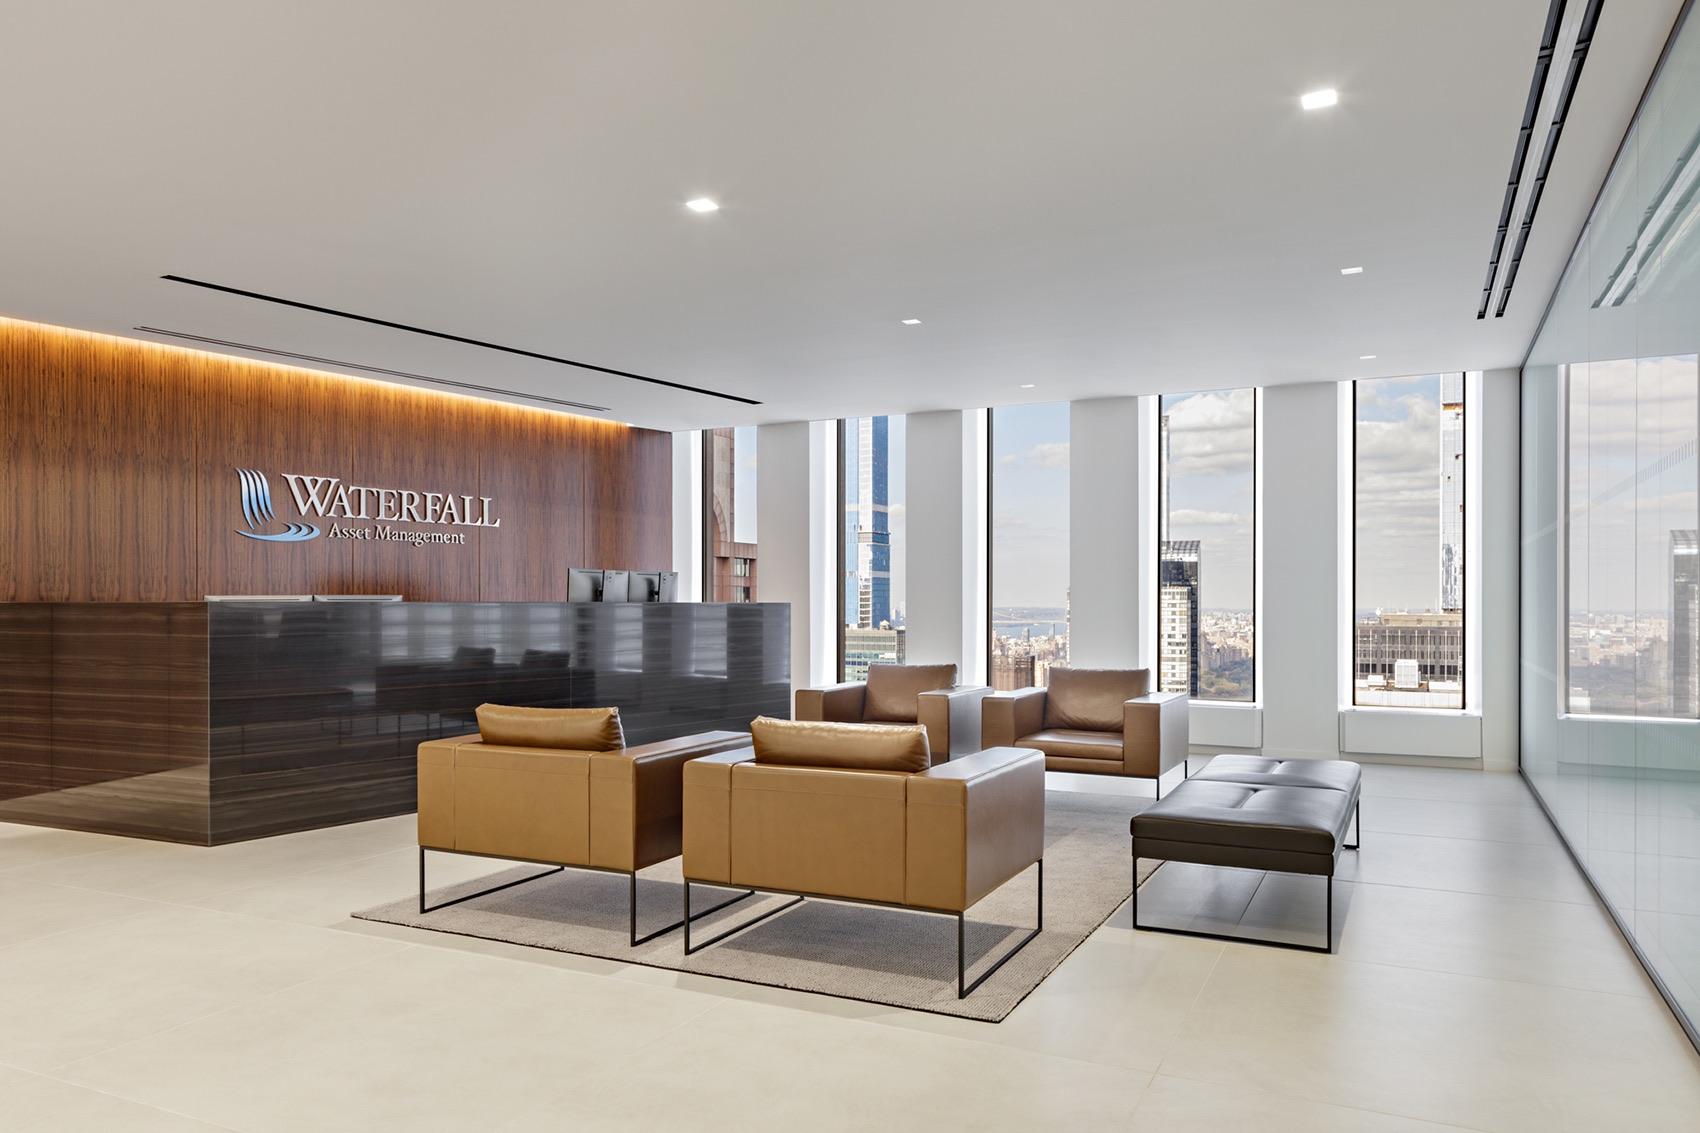 waterfall-asset-management-office-15